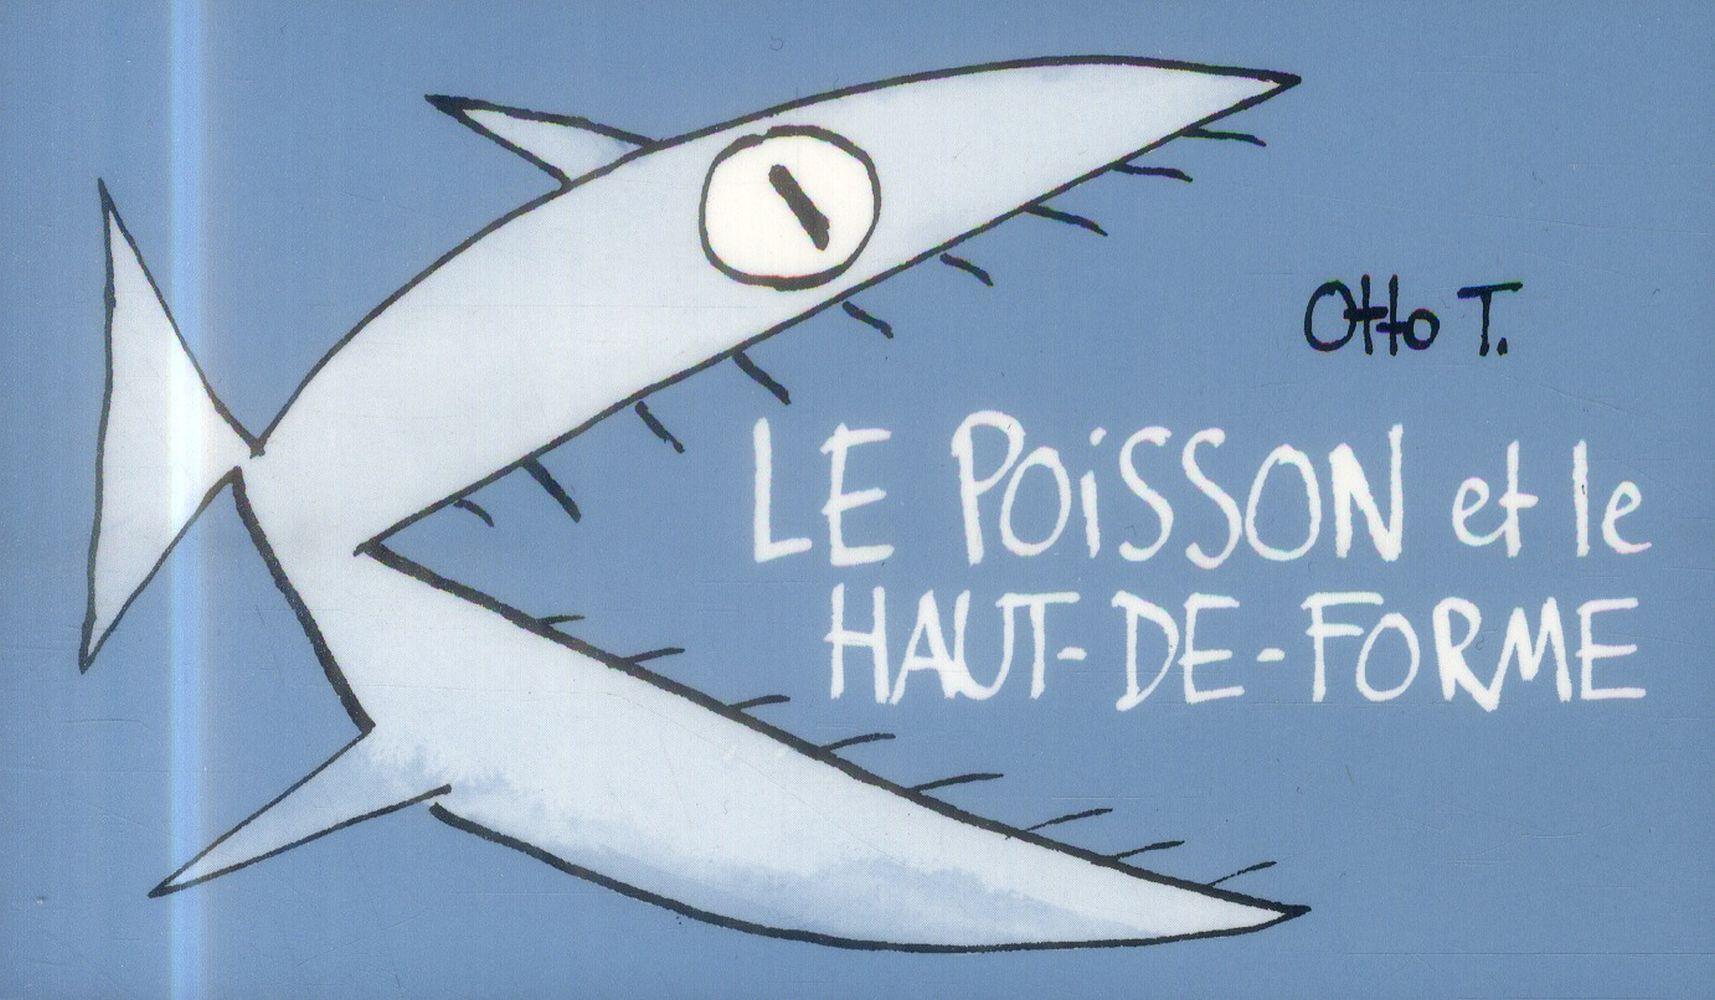 LE POISSON ET LE HAUT-DE-FORME